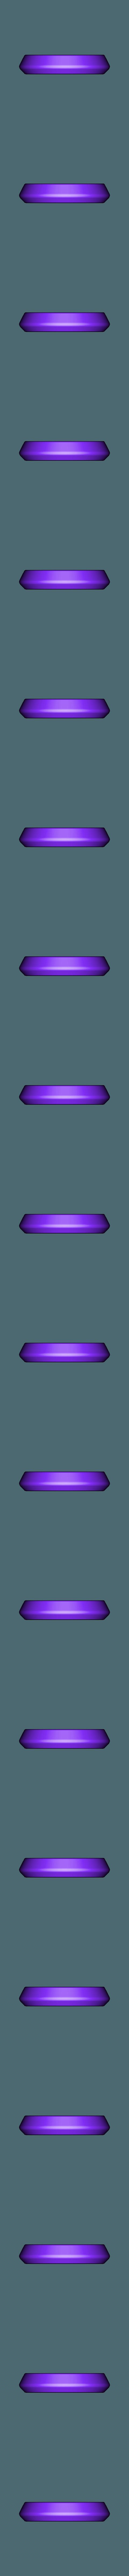 1 Socle.stl Télécharger fichier STL gratuit FanArt d'une Grenade Gaz • Design à imprimer en 3D, cedland